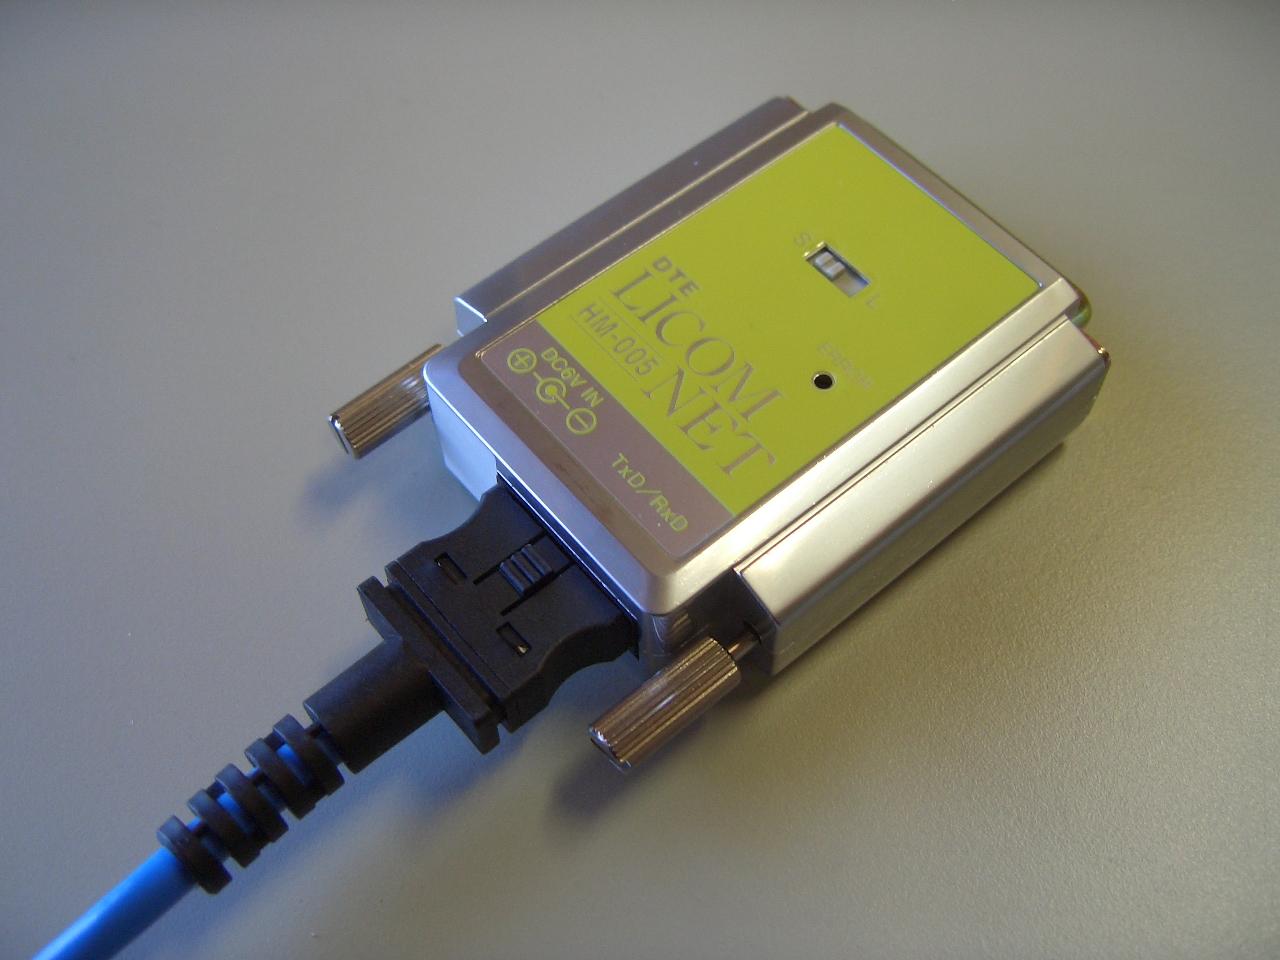 光モデム 光ケーブル HM-005